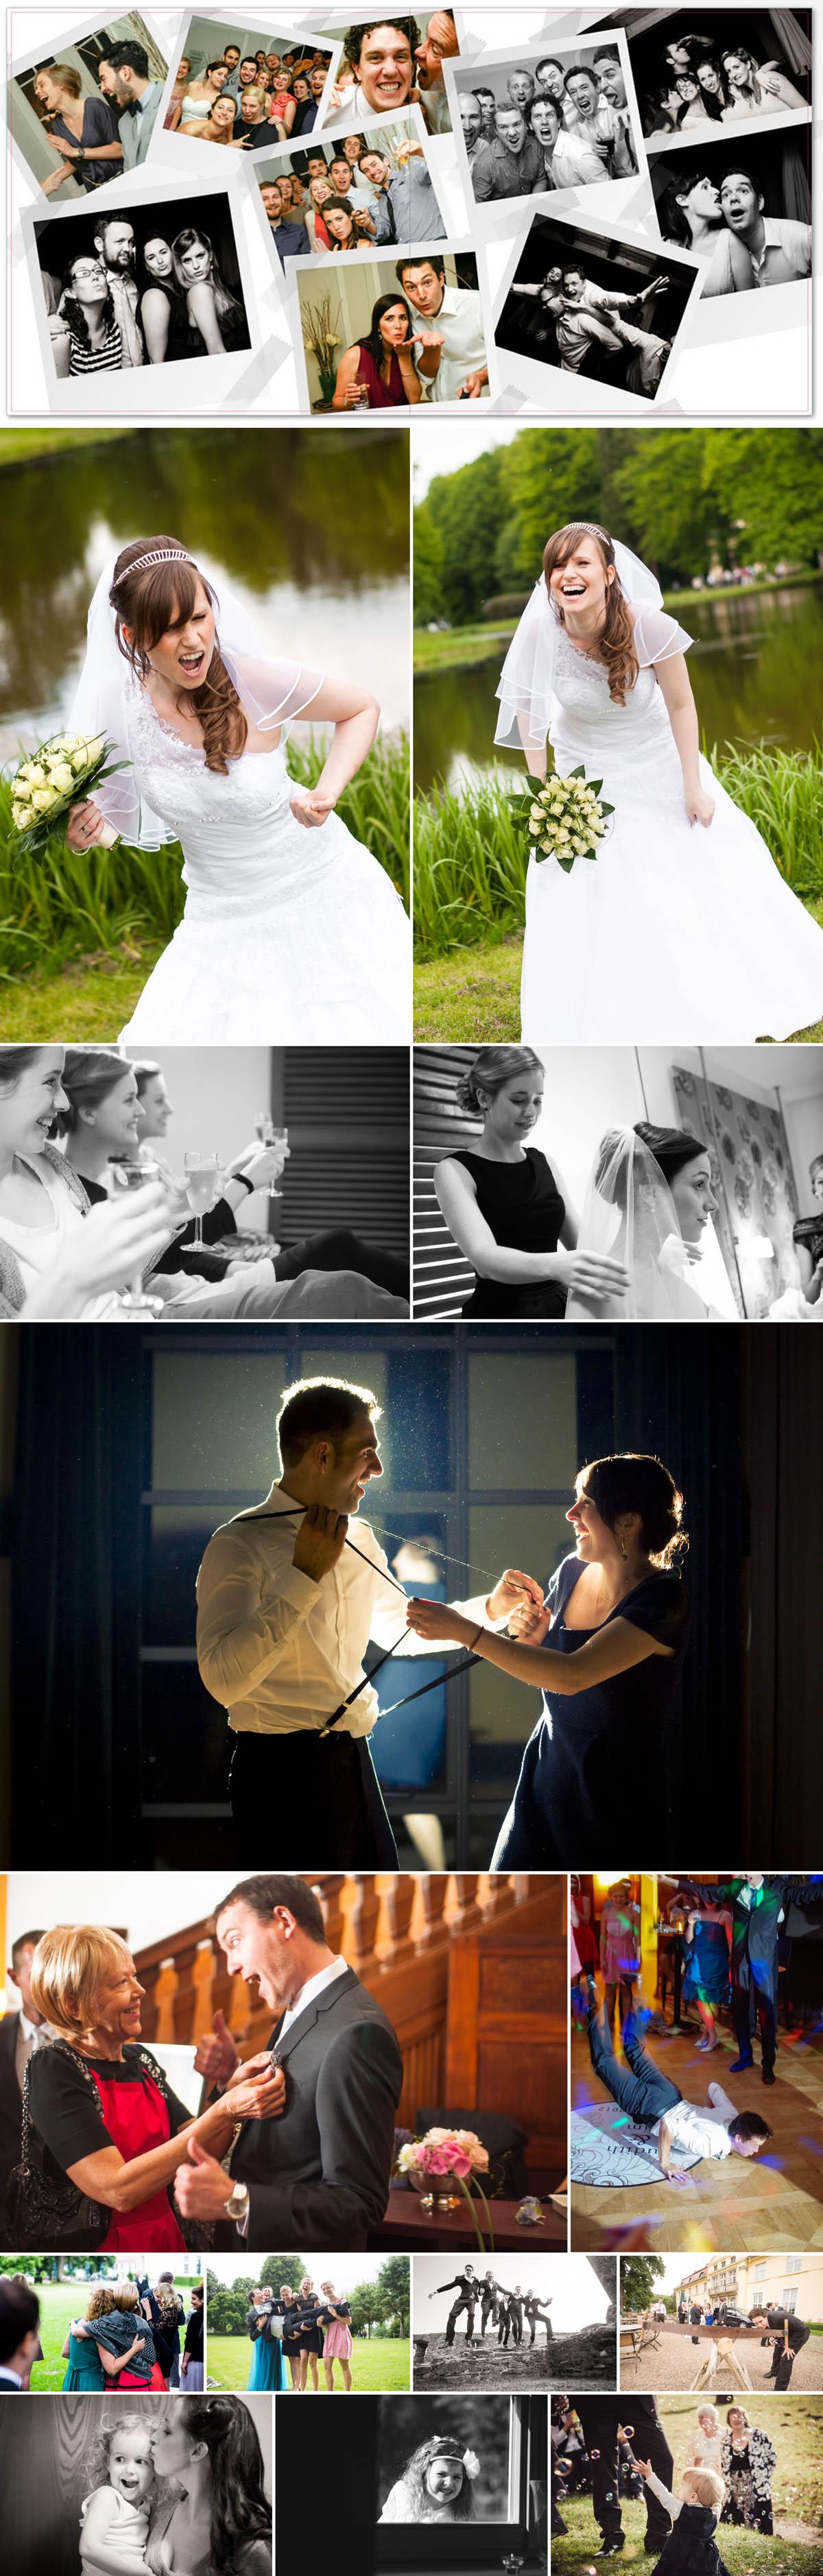 Hochzeitsfotografie Matthias Friel